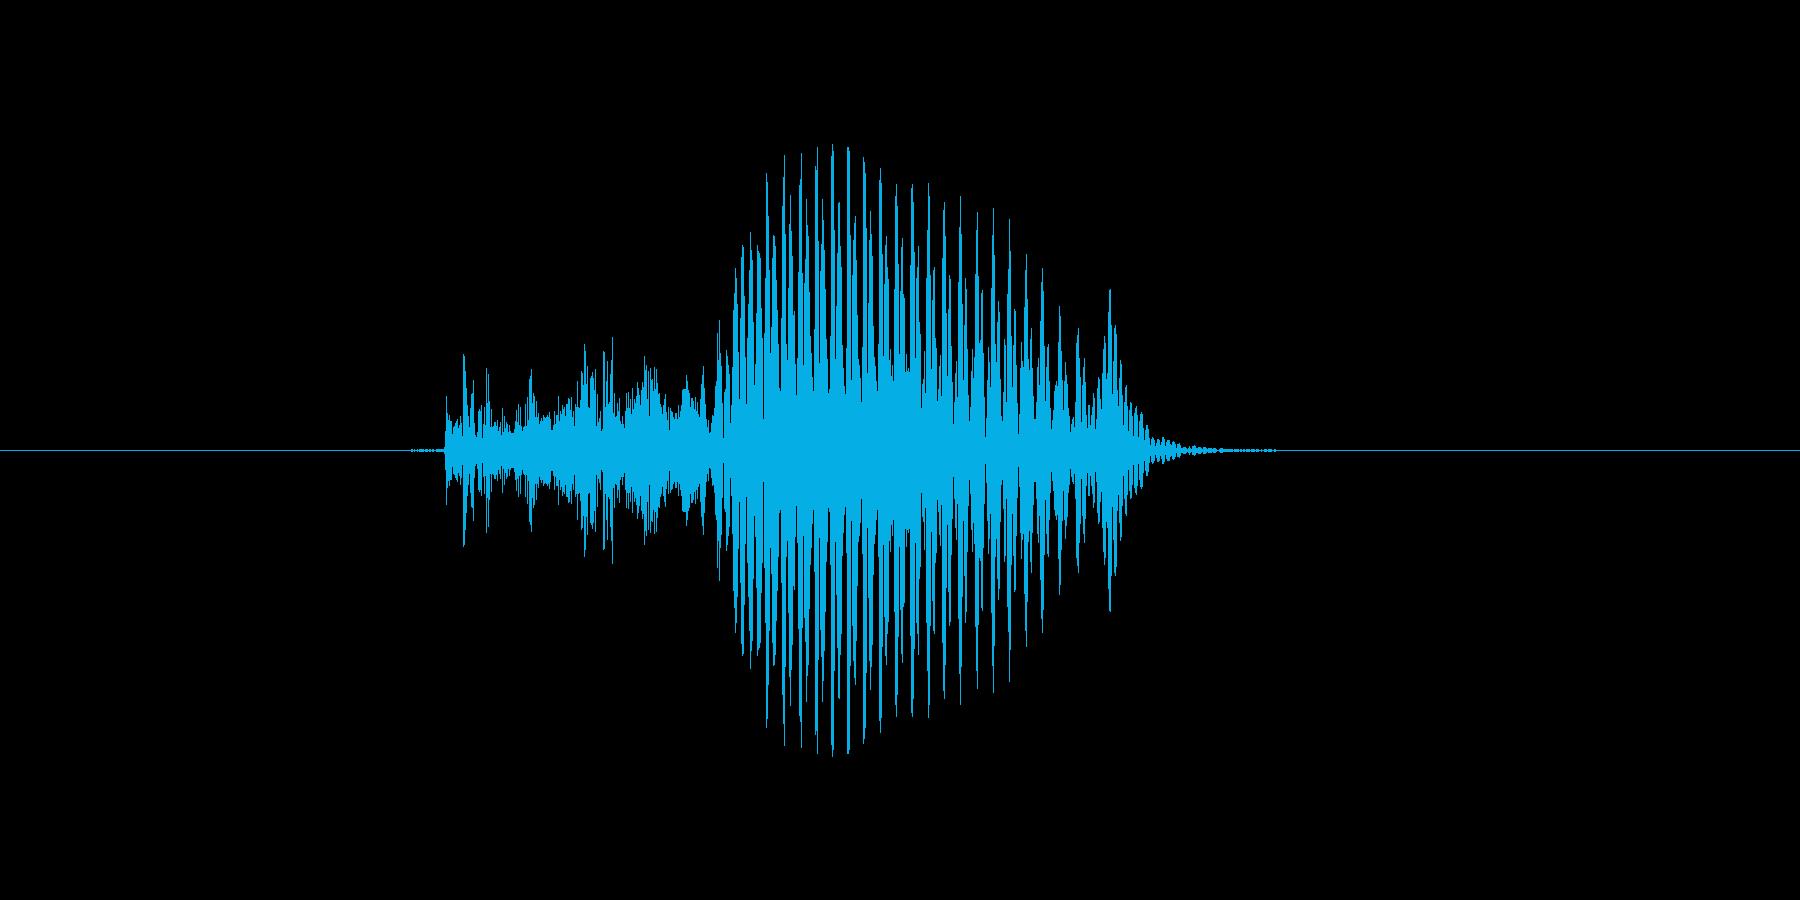 9(9、く)の再生済みの波形